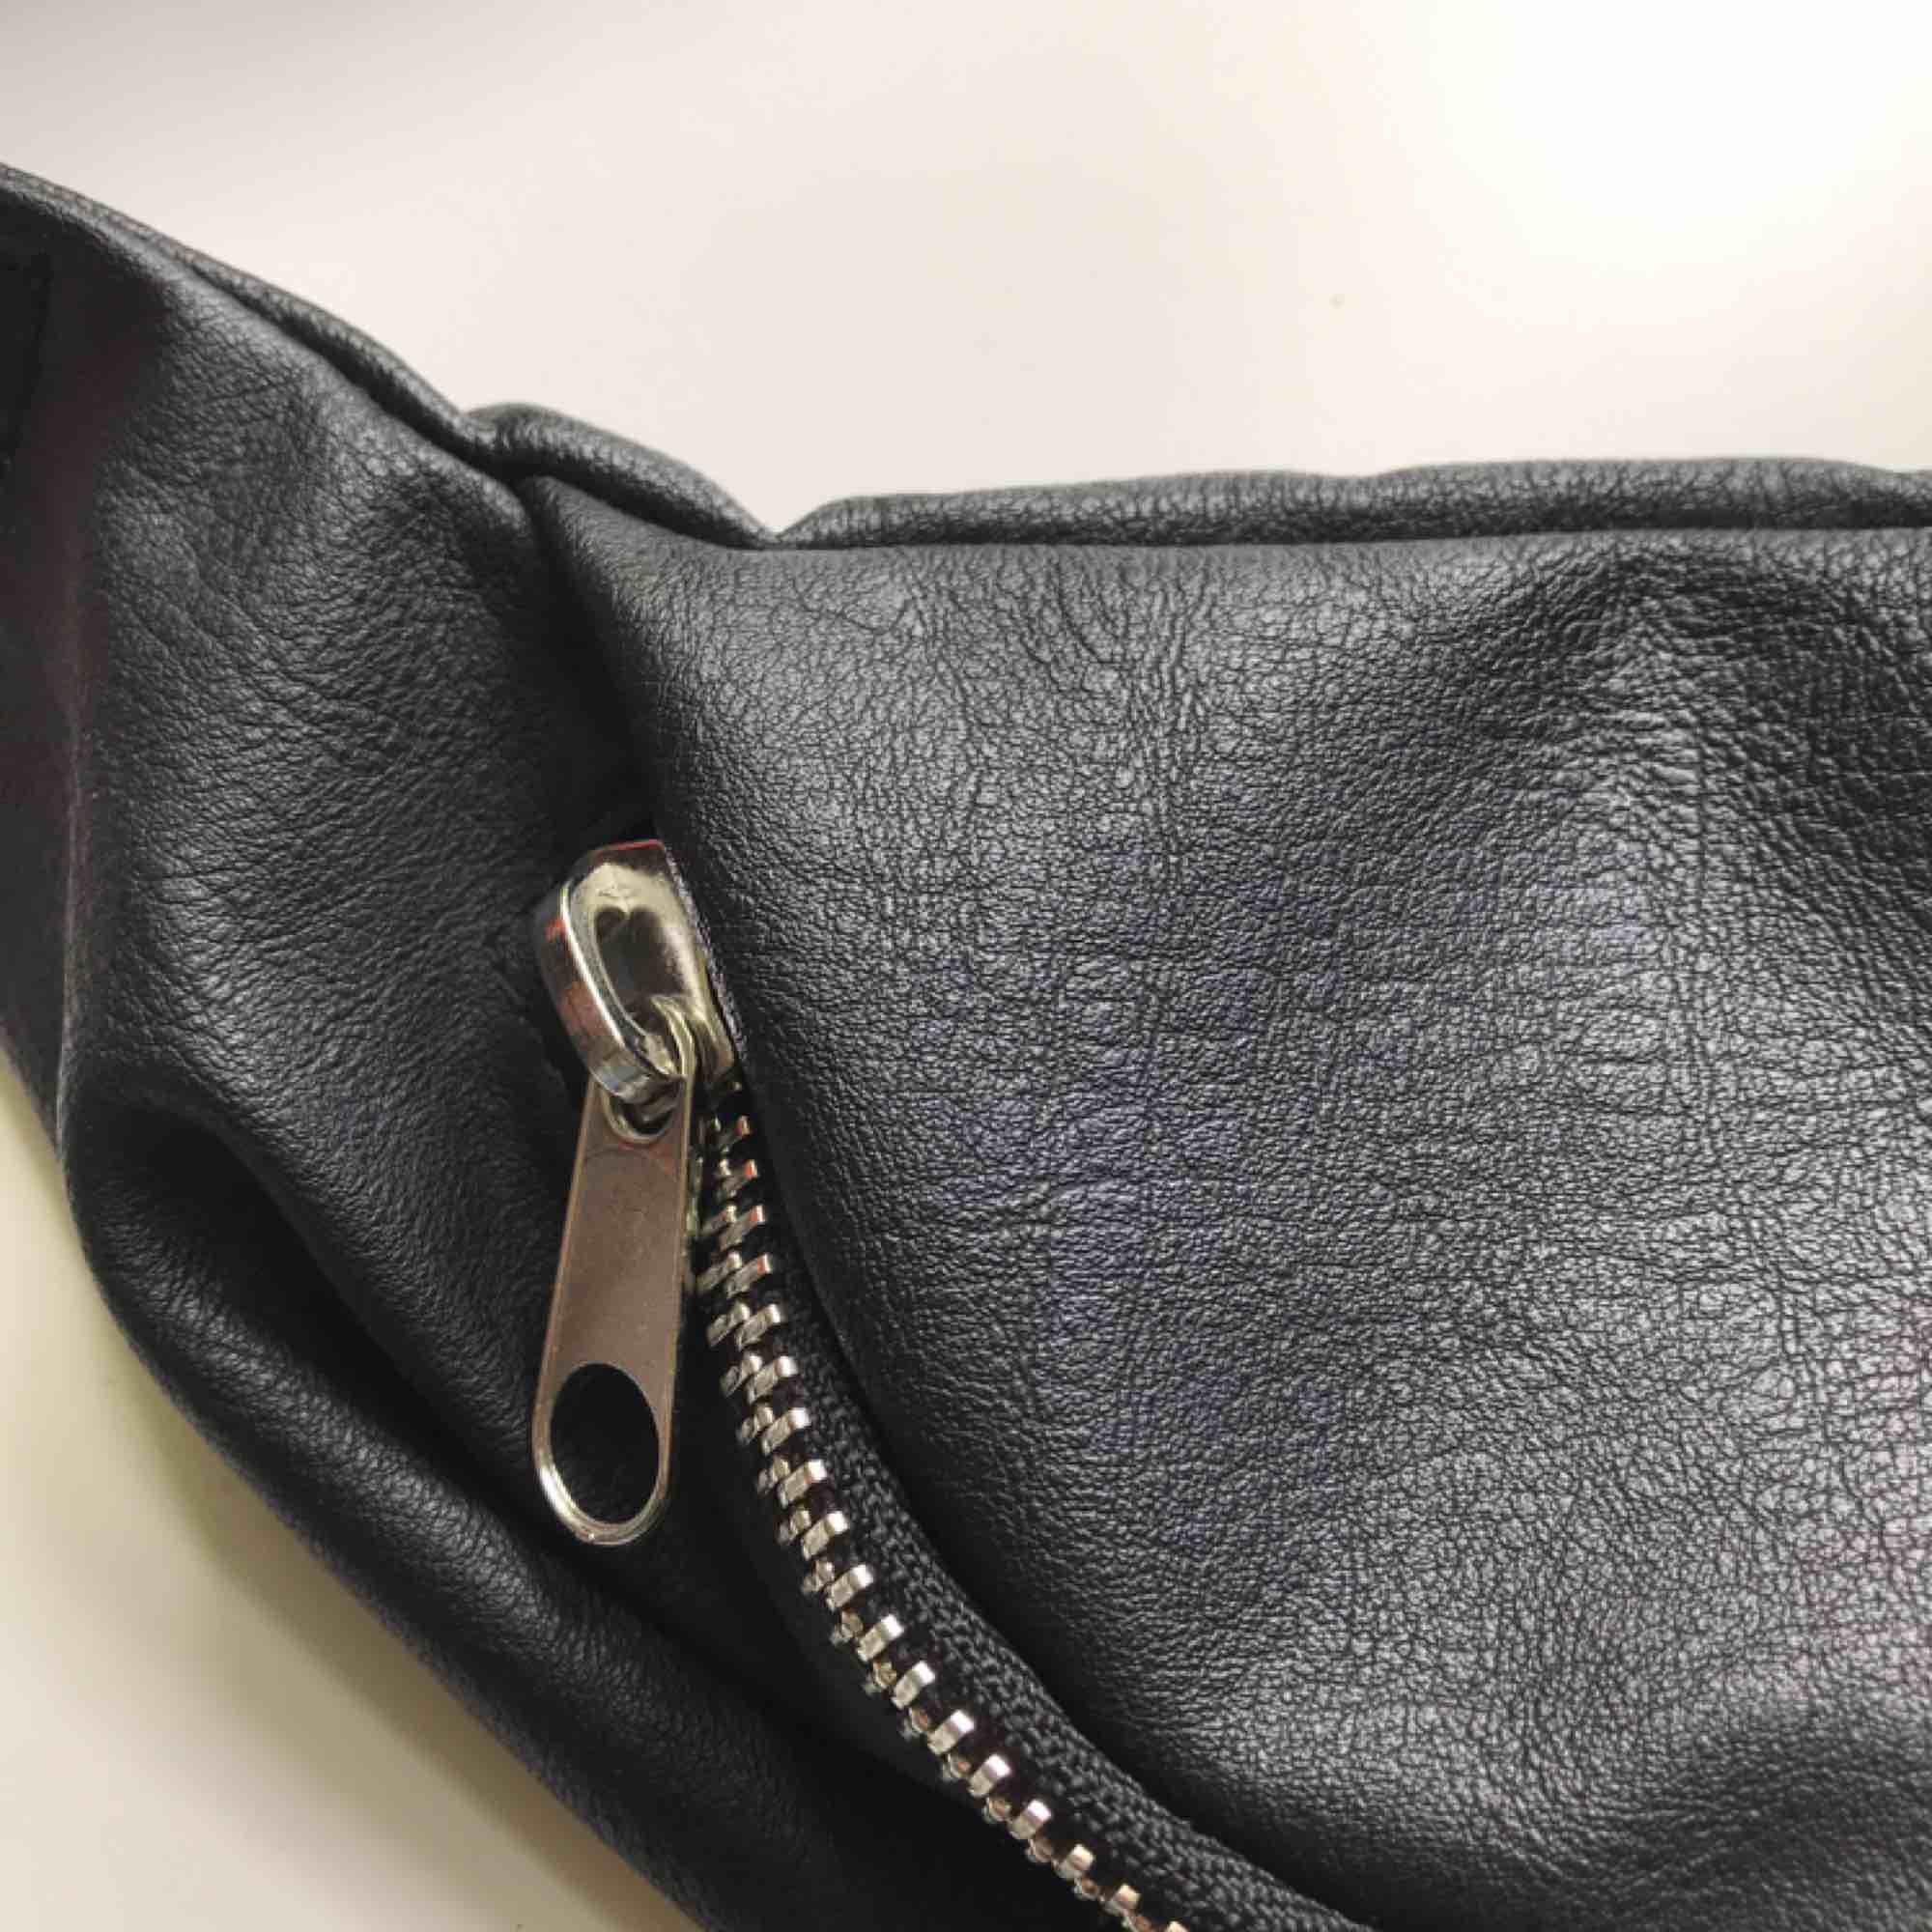 Axelremsväska/ magväska. Supersnygg väska! Den är gjord av någon slags läder/skinn material , såklart inte äkta! Har en liten ficka inuti själva väskan och axelremmen kan du justera och ändra👍🏻 frakt tillkommer om det behövs!. Väskor.